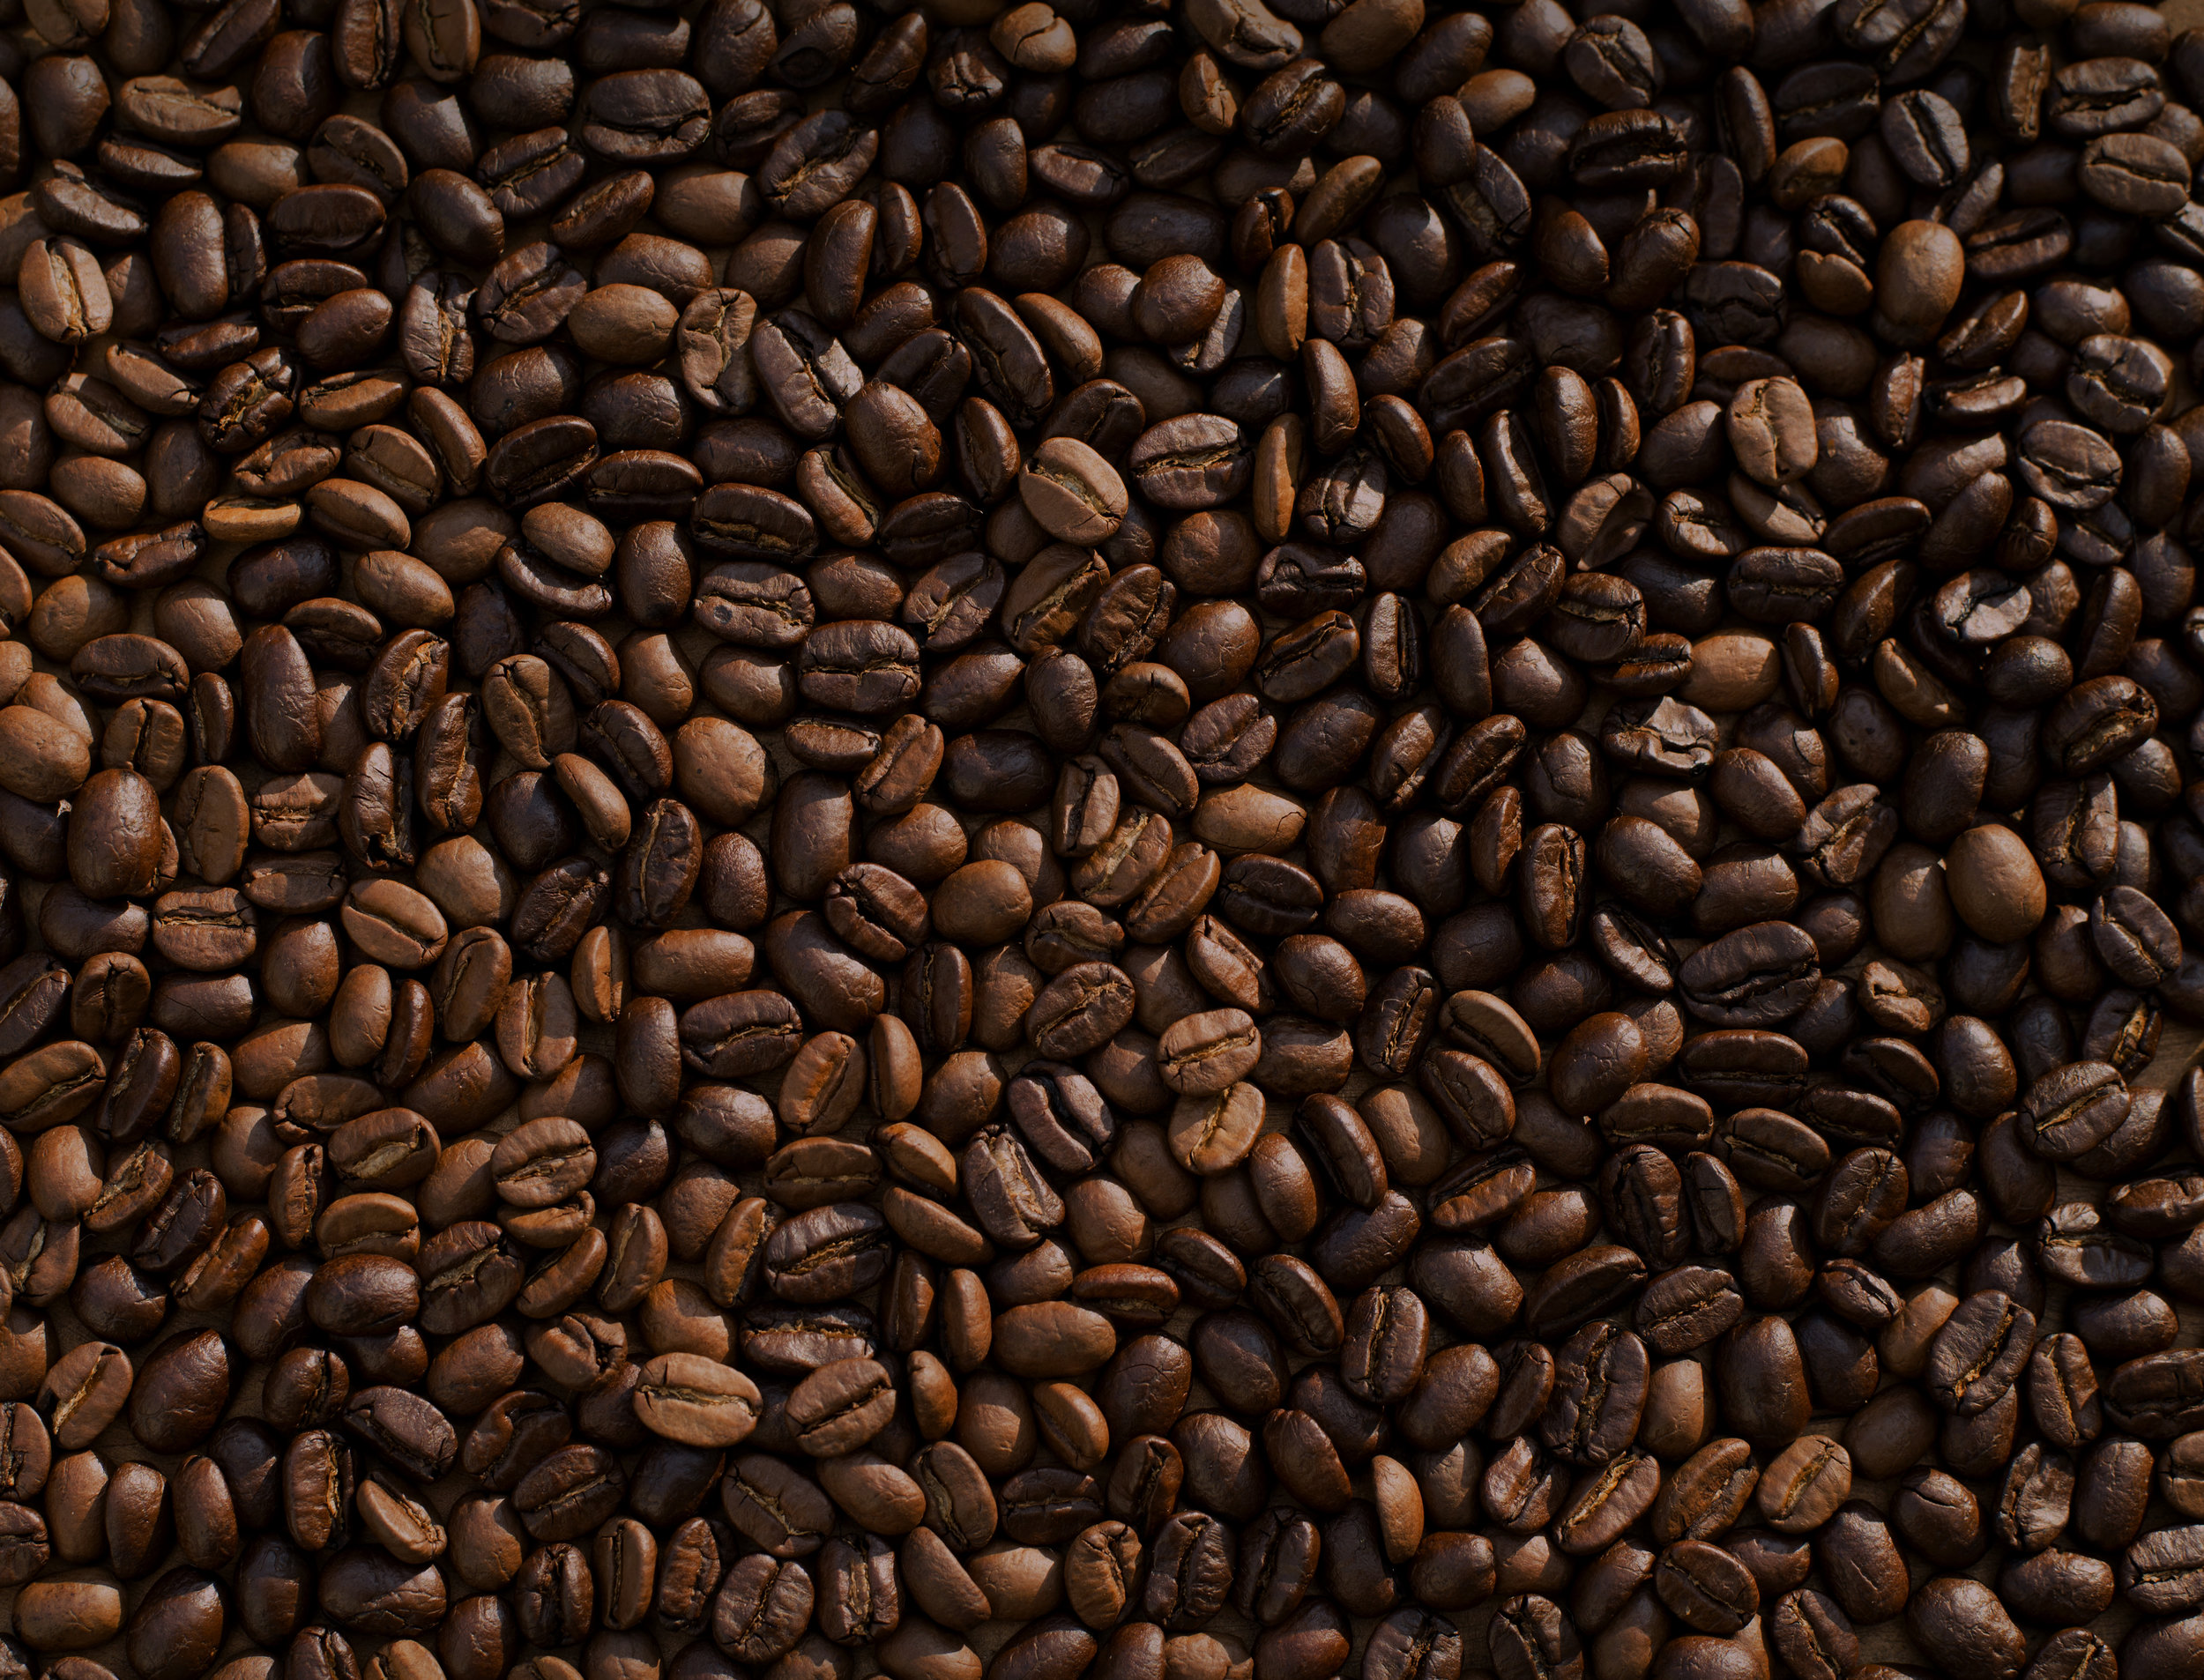 Coffee Museum - Una de las más gratas sorpresas en Dubai es el Museo del Café. No pagarás por la entrada y cuenta la historia de aproximadamente 300 años del café en el mundo y en Medio Oriente. Si eres amante del café esta experiencia te encantará.